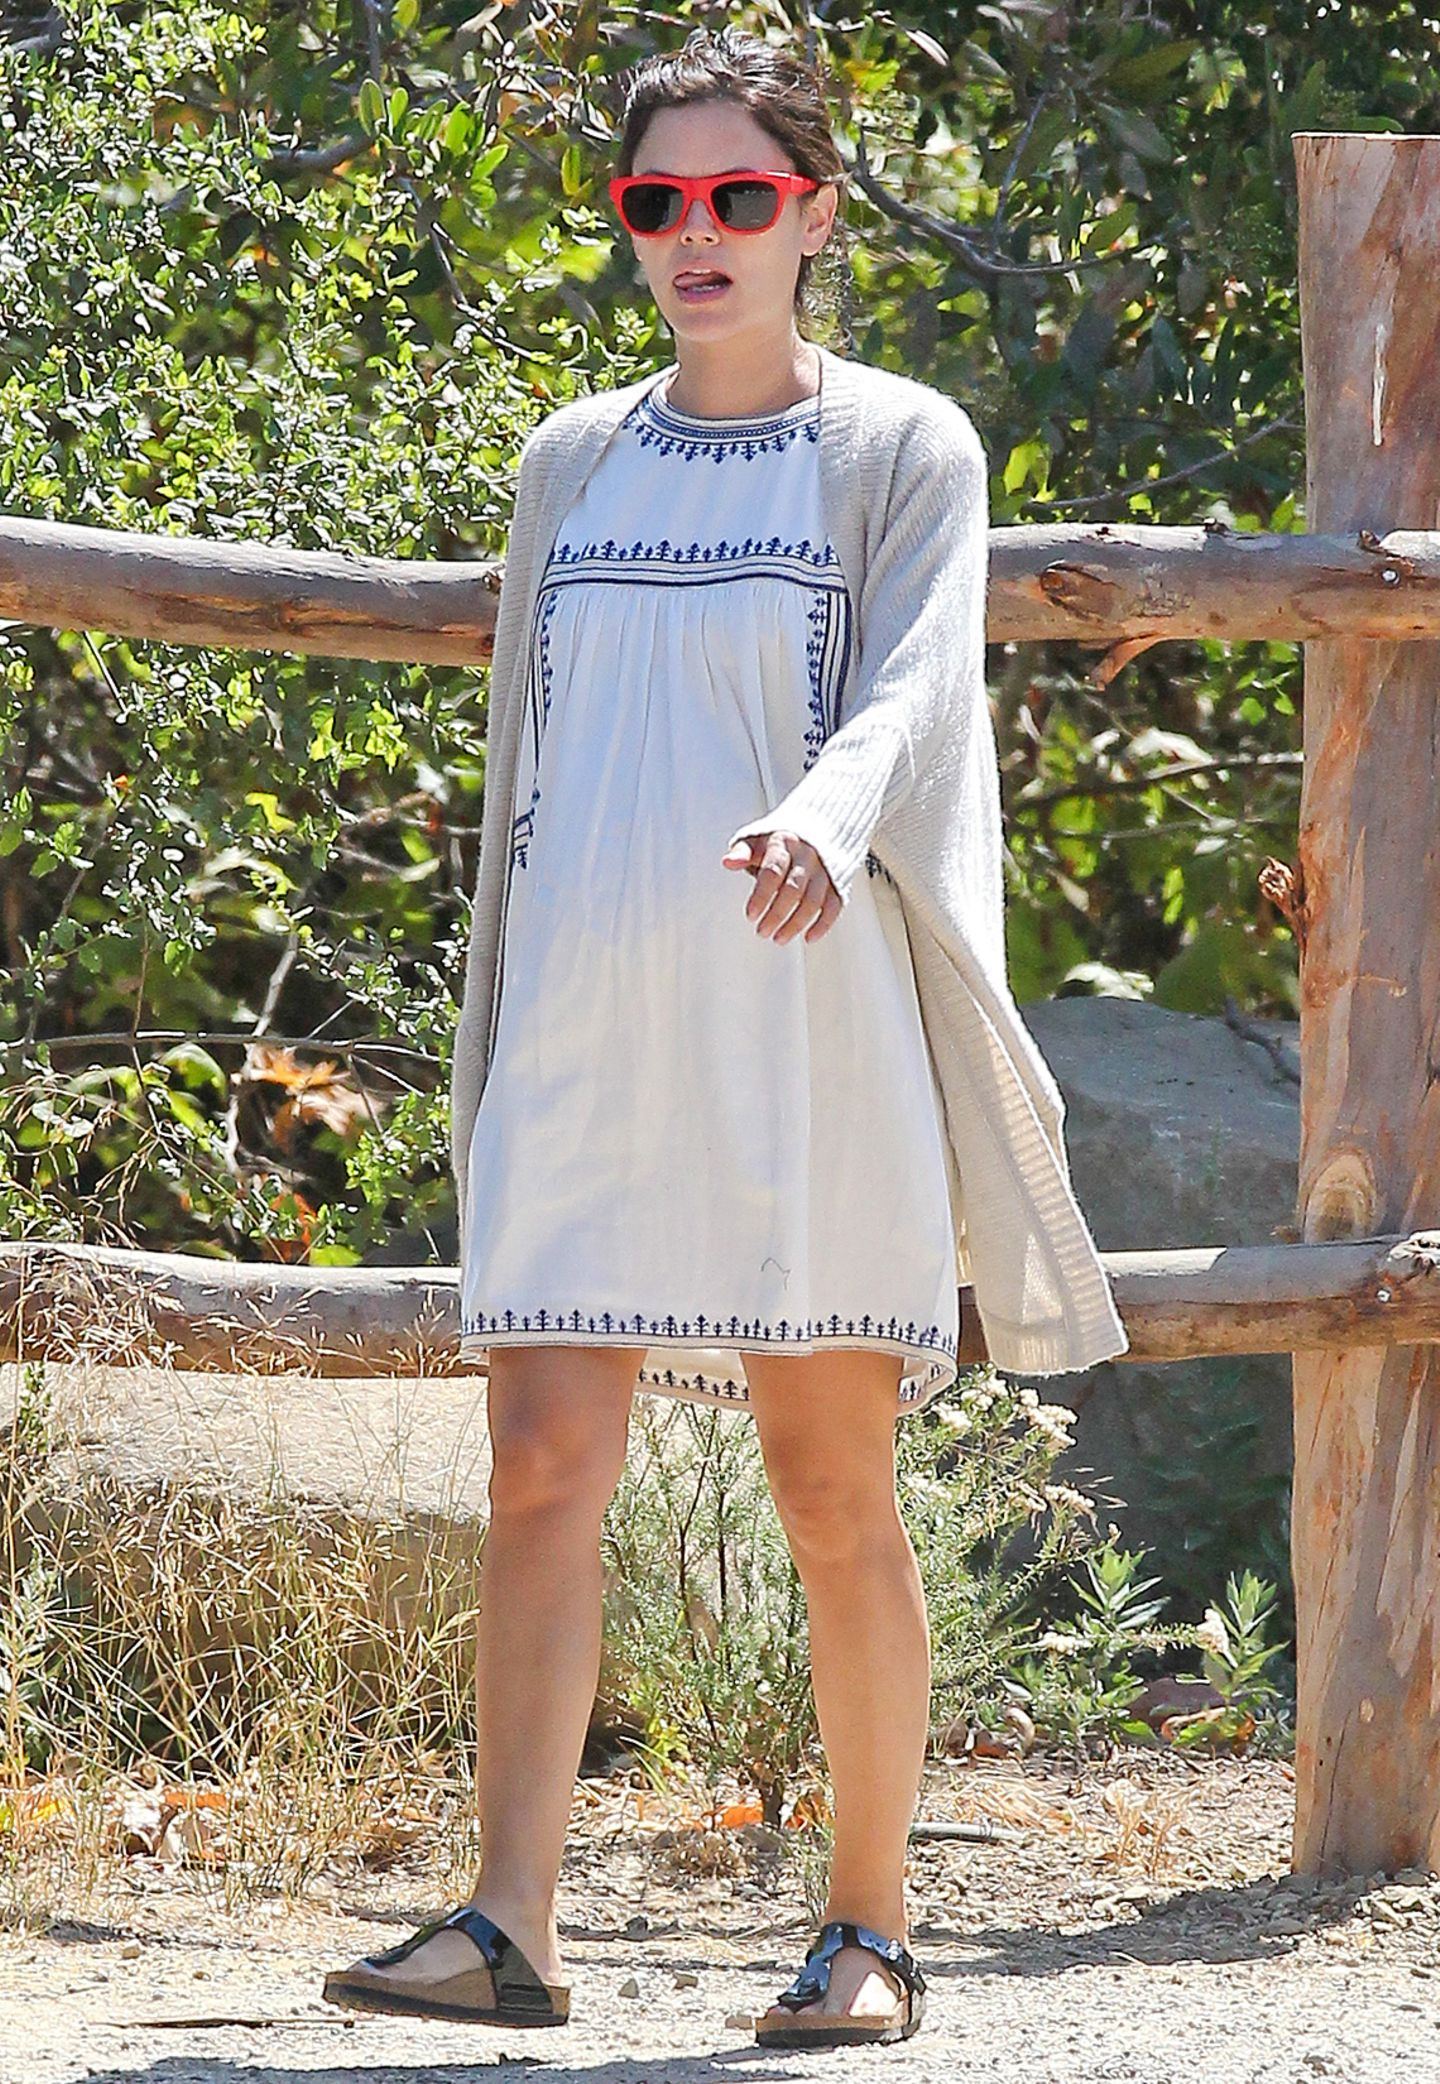 """Damit sie in ihrem bestickten Sommerkleid nicht friert, kombiniert Rachel Bilson dazu ganz einfach eine lange Strickjacke und überzeugt so mit einem hübschen """"Boho-Lagen-Look""""."""